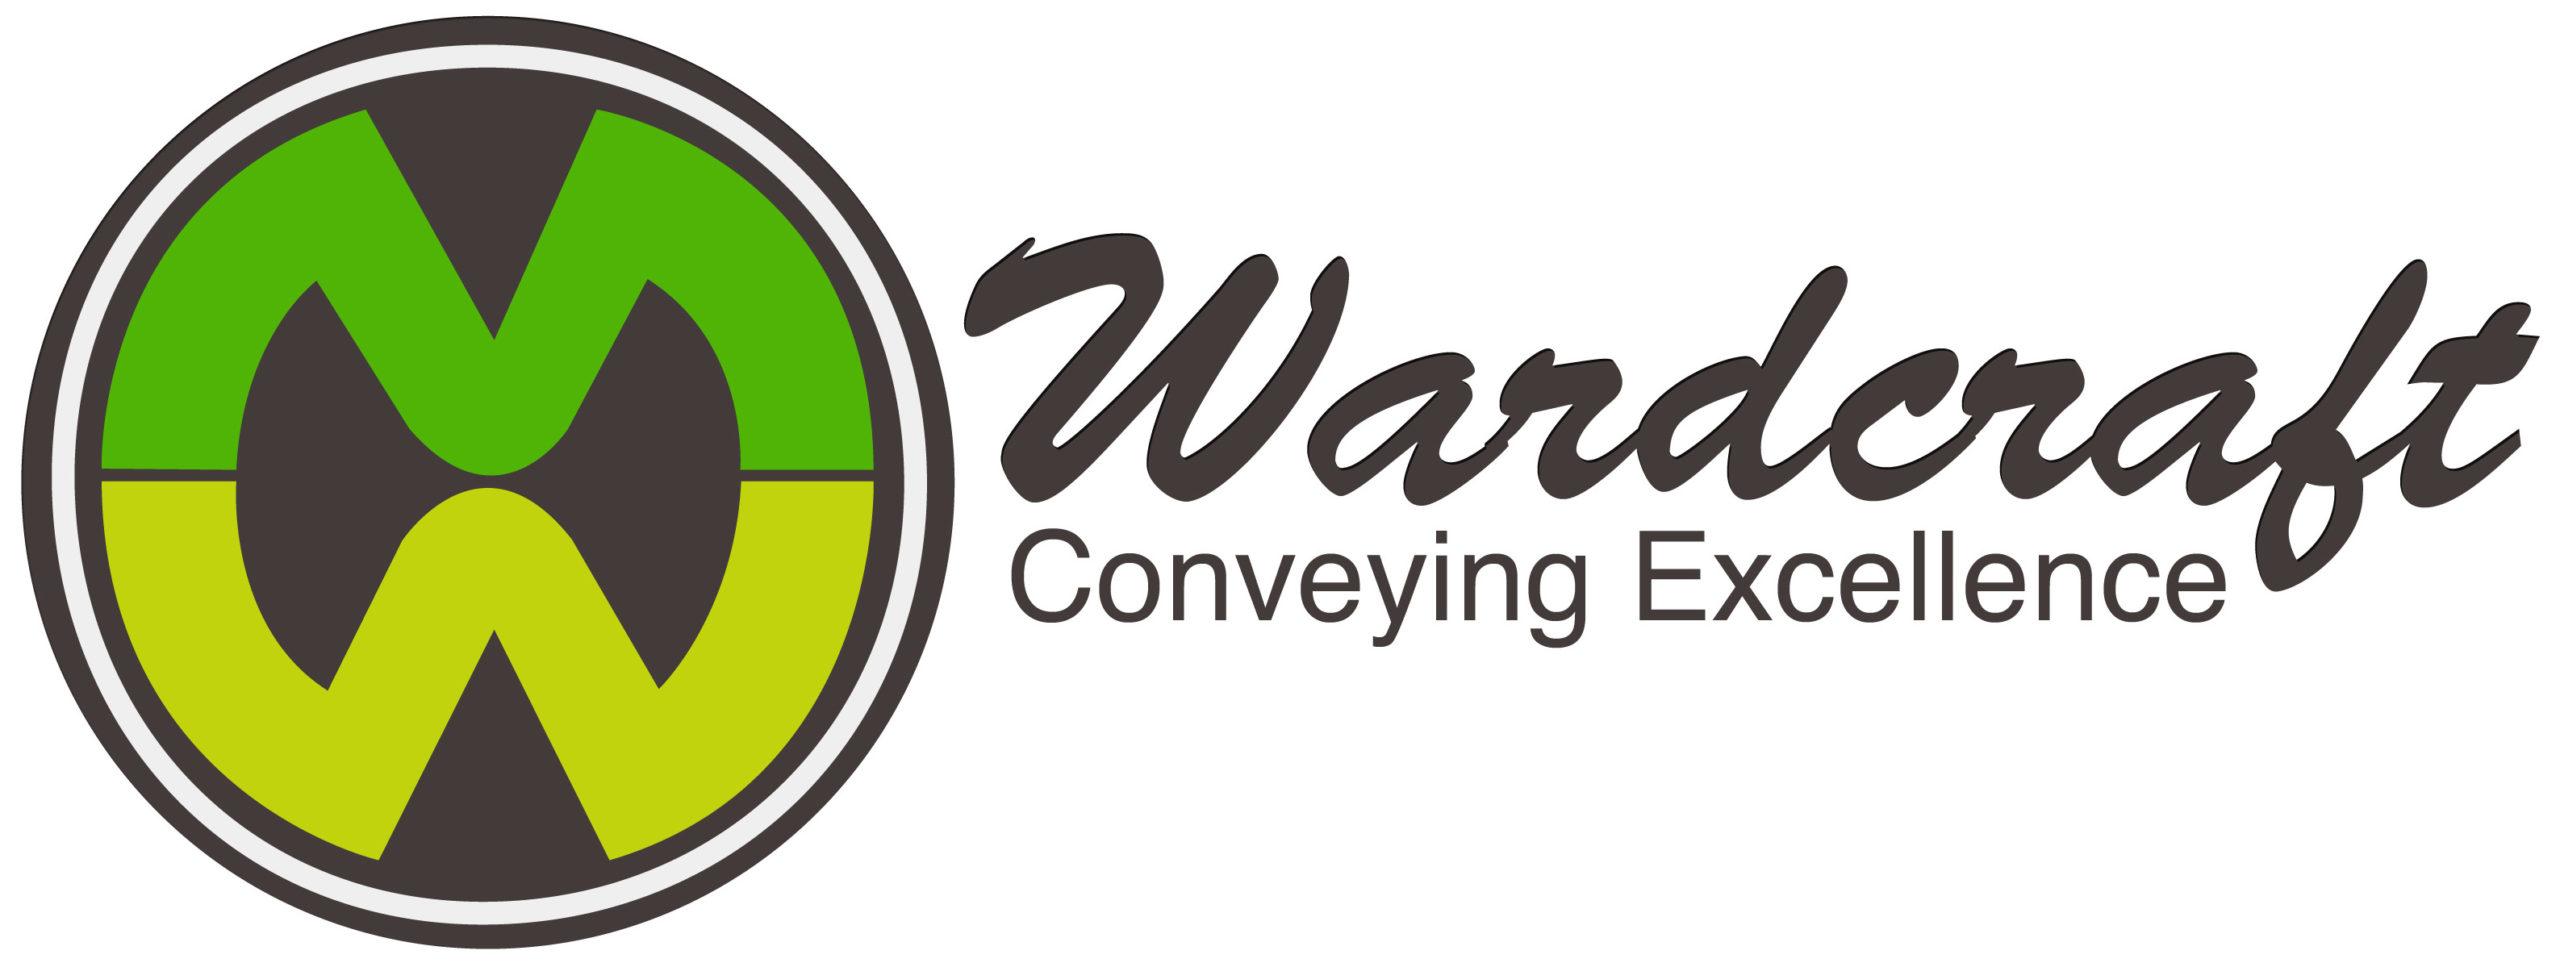 ward_logo1b